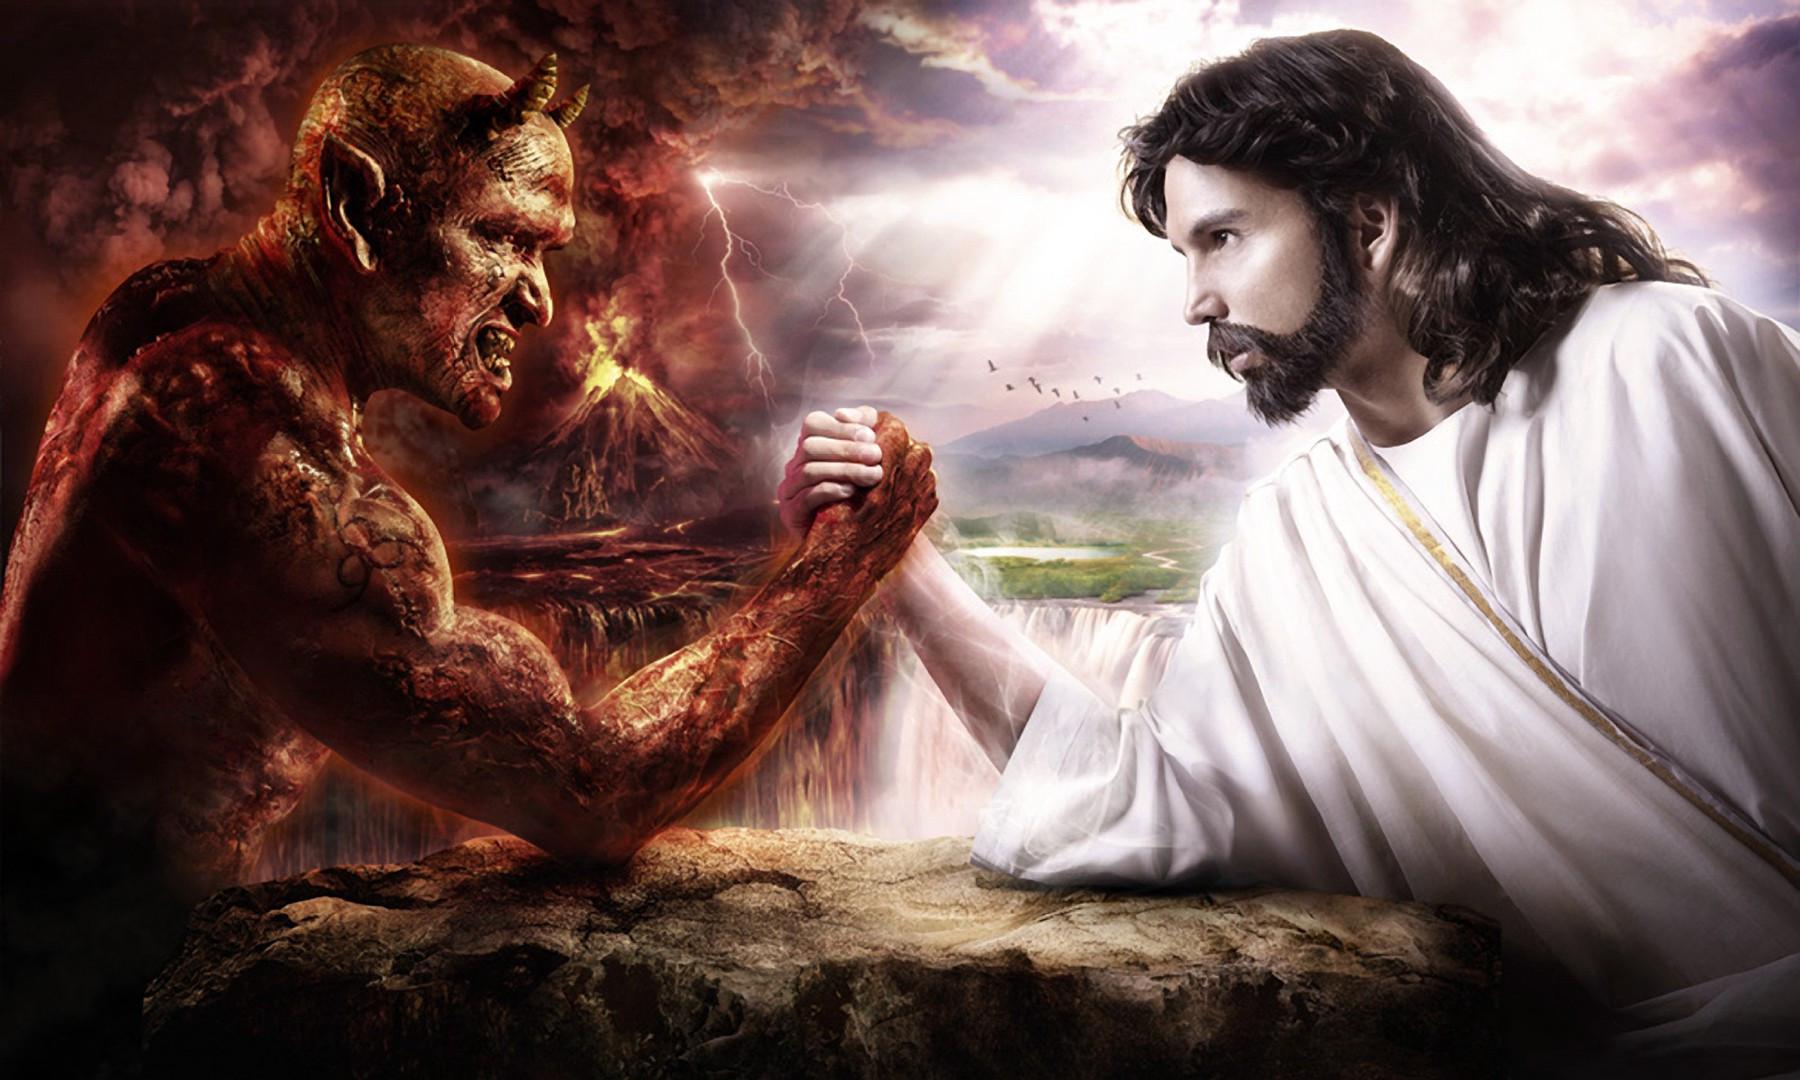 Es-tu plutôt l'ange ou le diable ? Le bien ou le mal ?